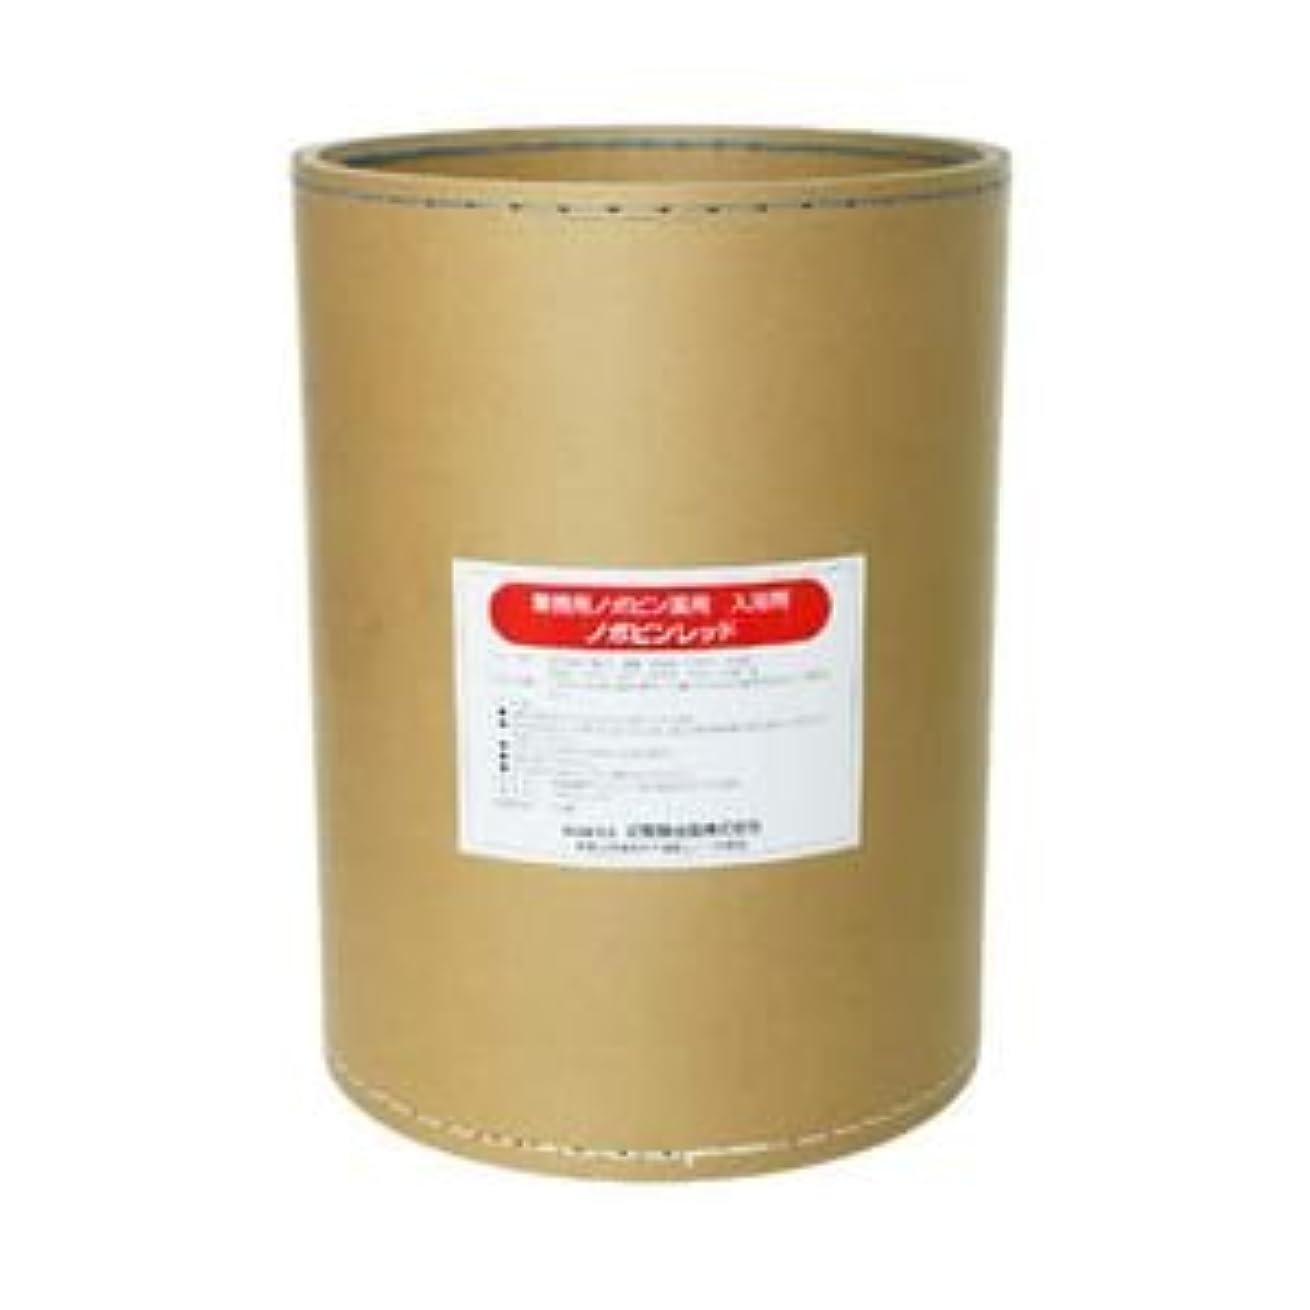 スイ学部長除去業務用入浴剤 ノボピン レッド 18kg